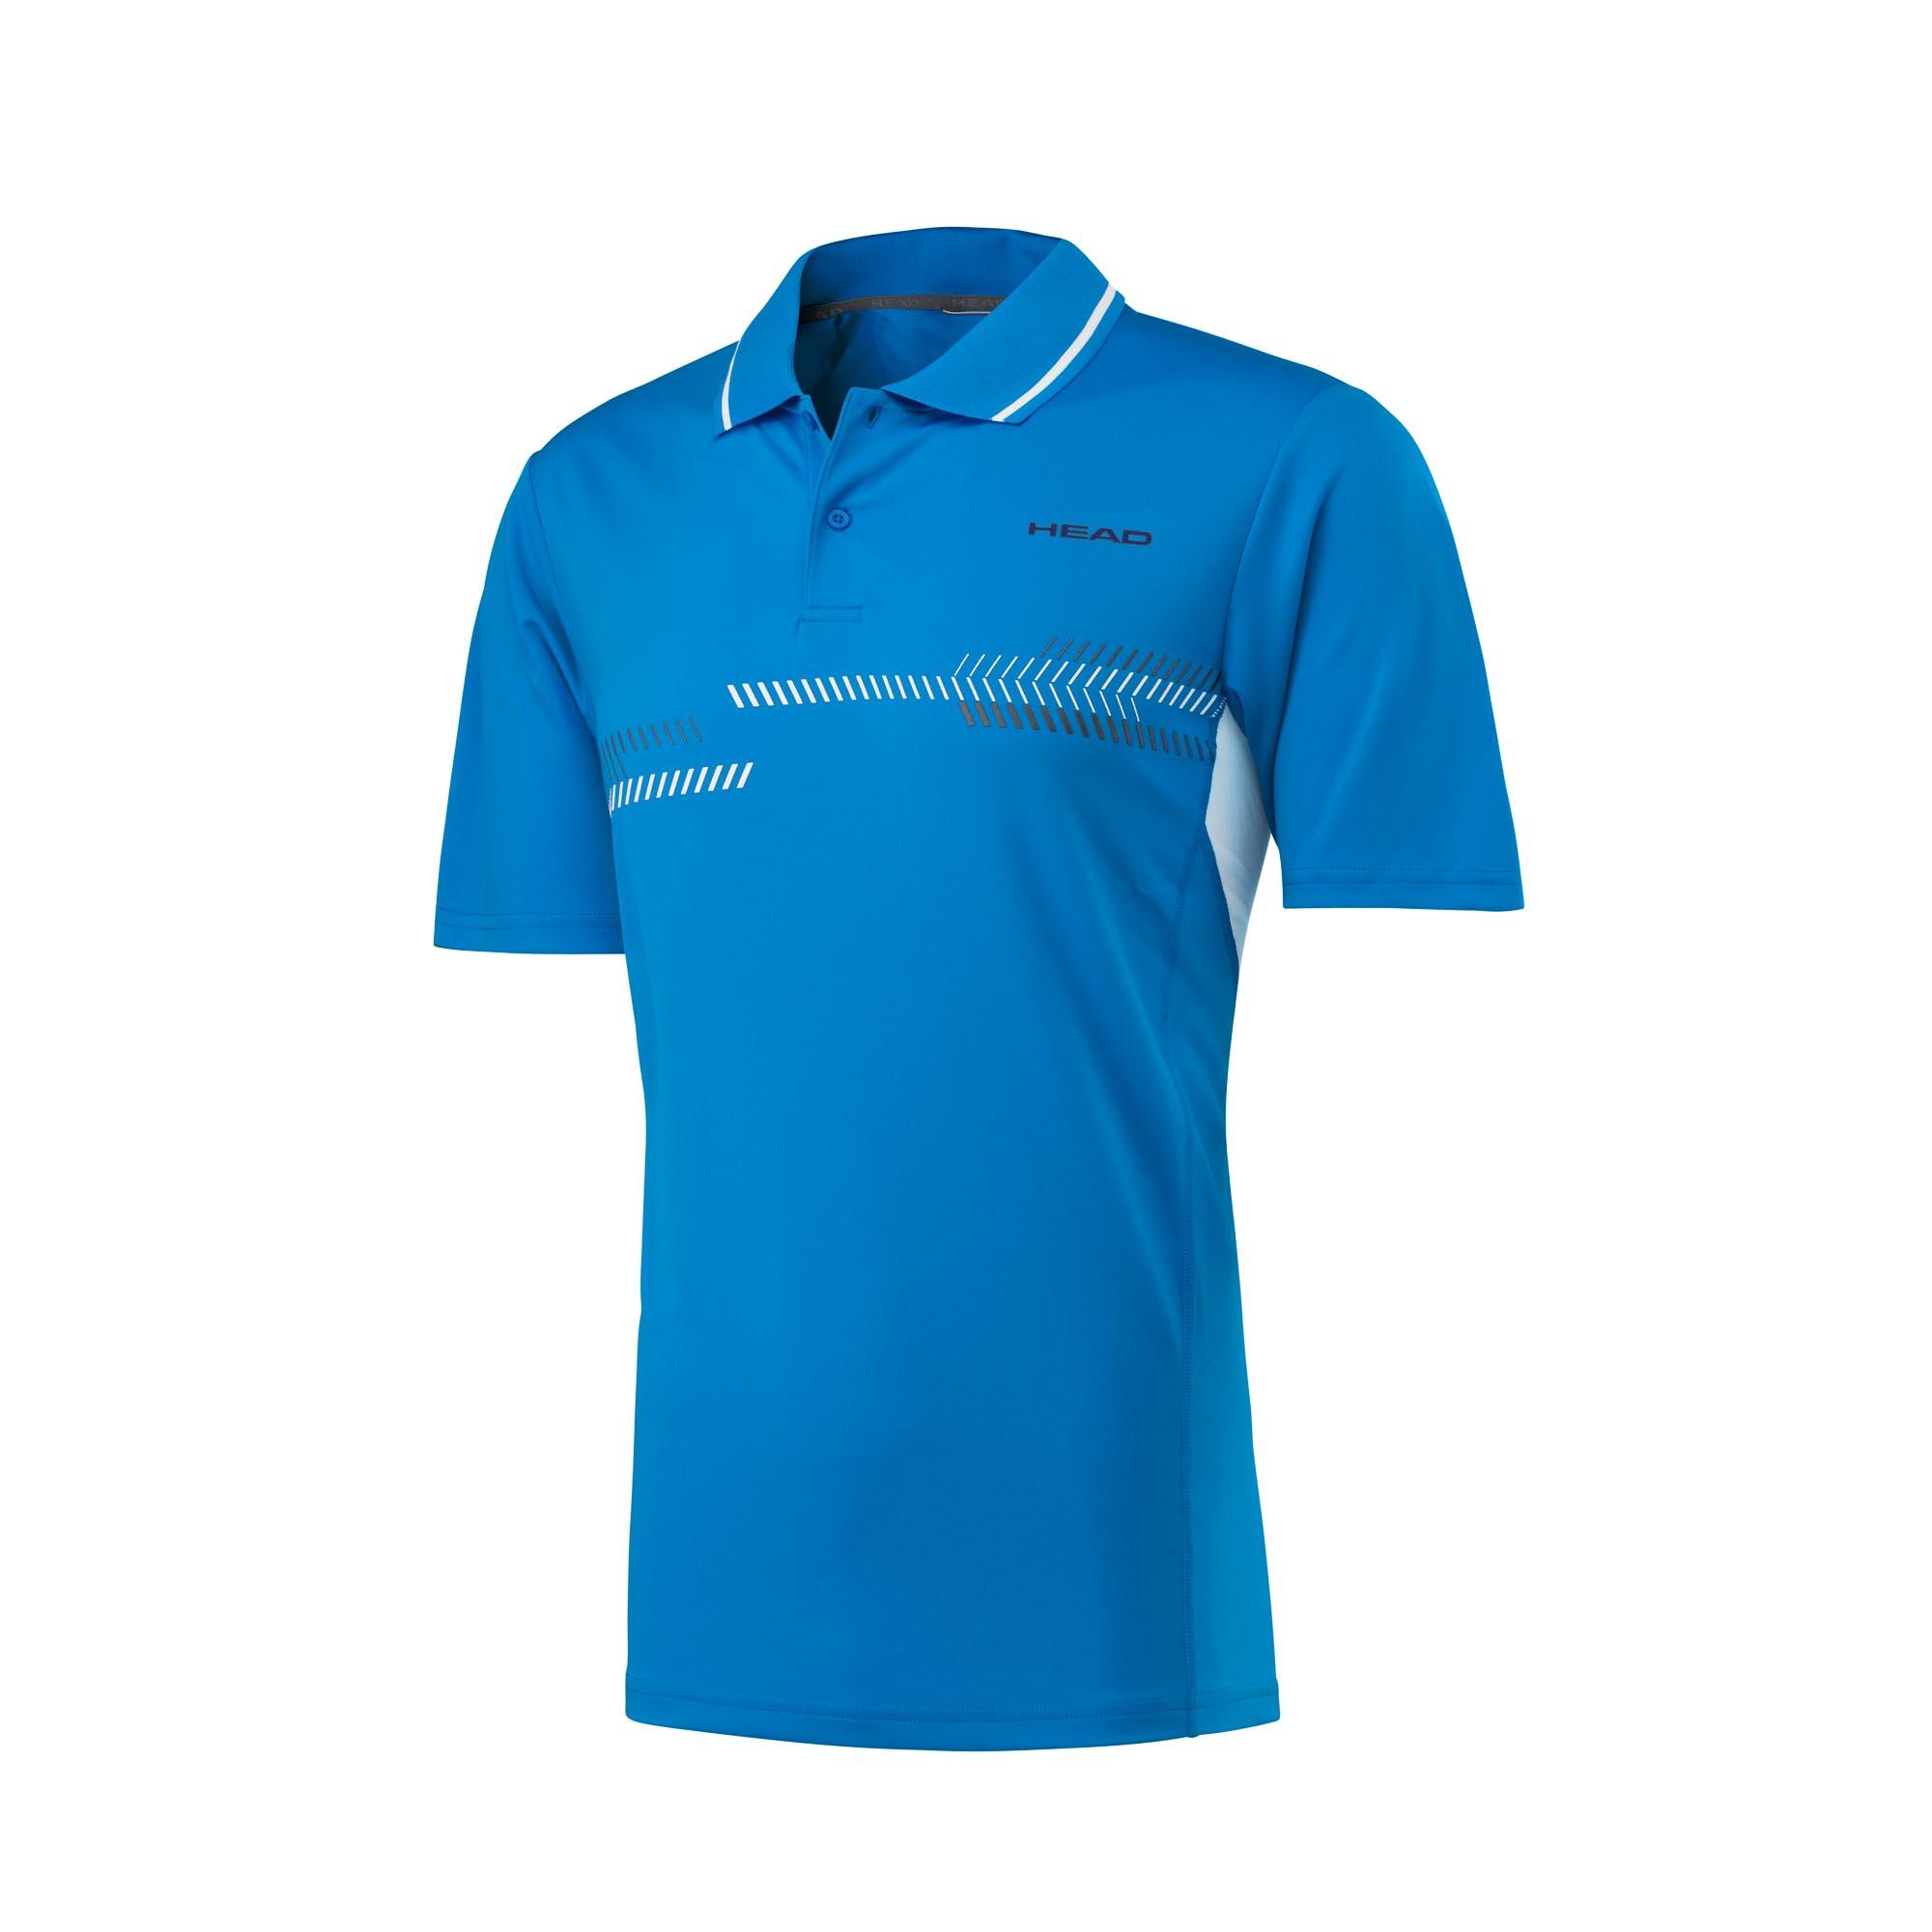 Head Club Technical Mens Polo Shirt - Blue, S